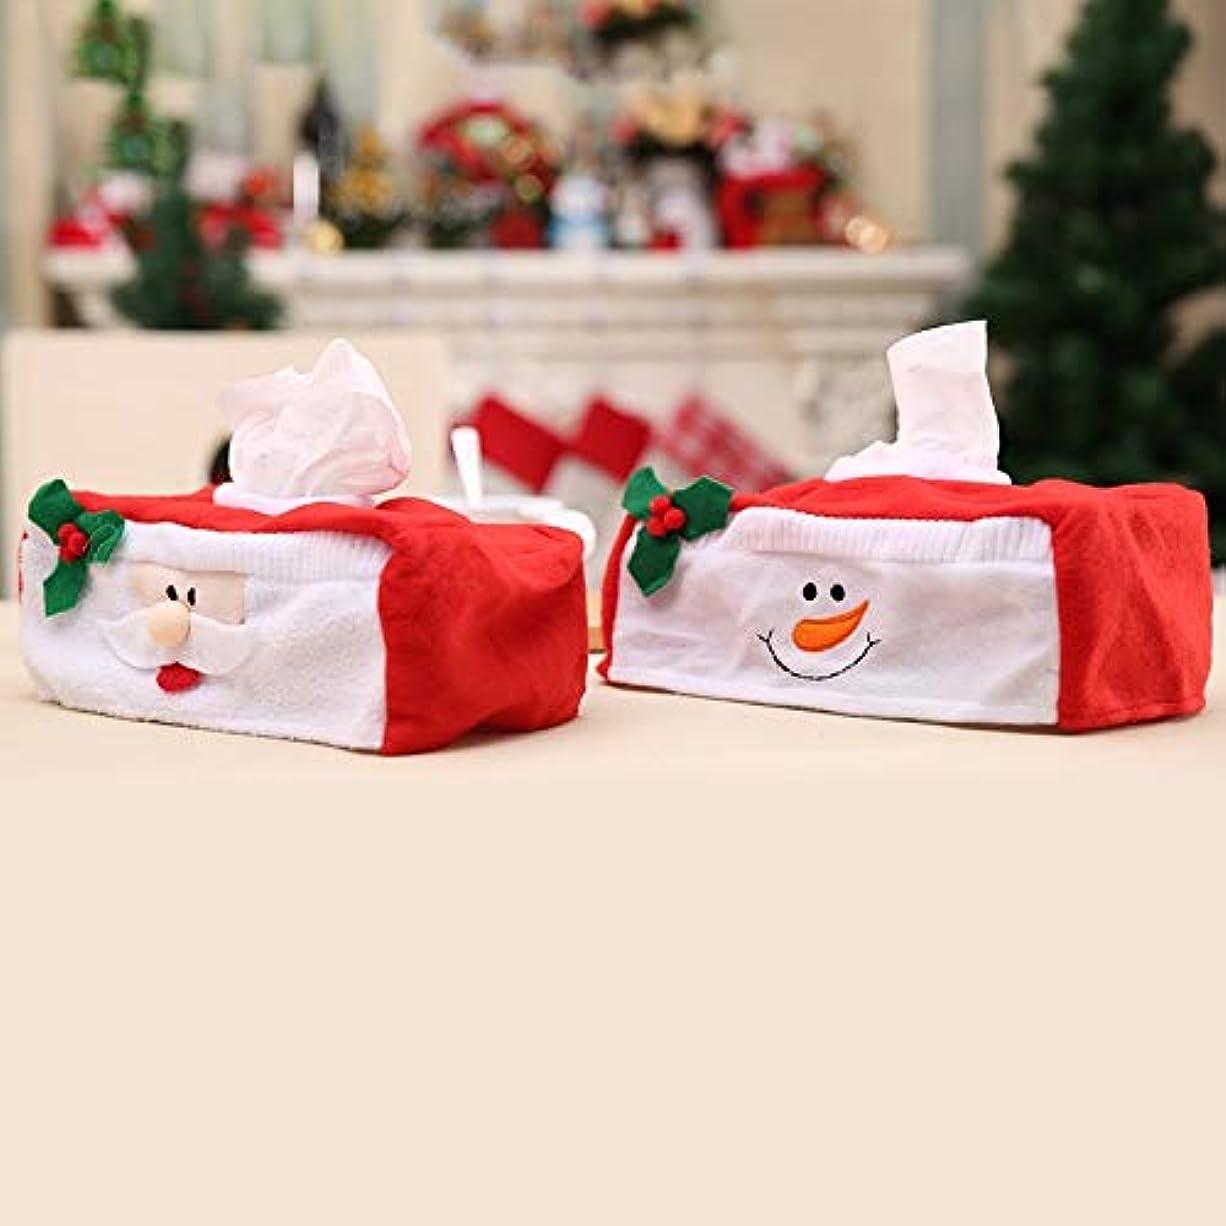 建てるオフ偏心YUANGH 2つのPCSクリスマスナプキンボックスクリスマスホリデーデコレーション用品、ランダムスタイル配達、サイズ:26 * 13 * 10センチメートルZHUHX YUANGH123